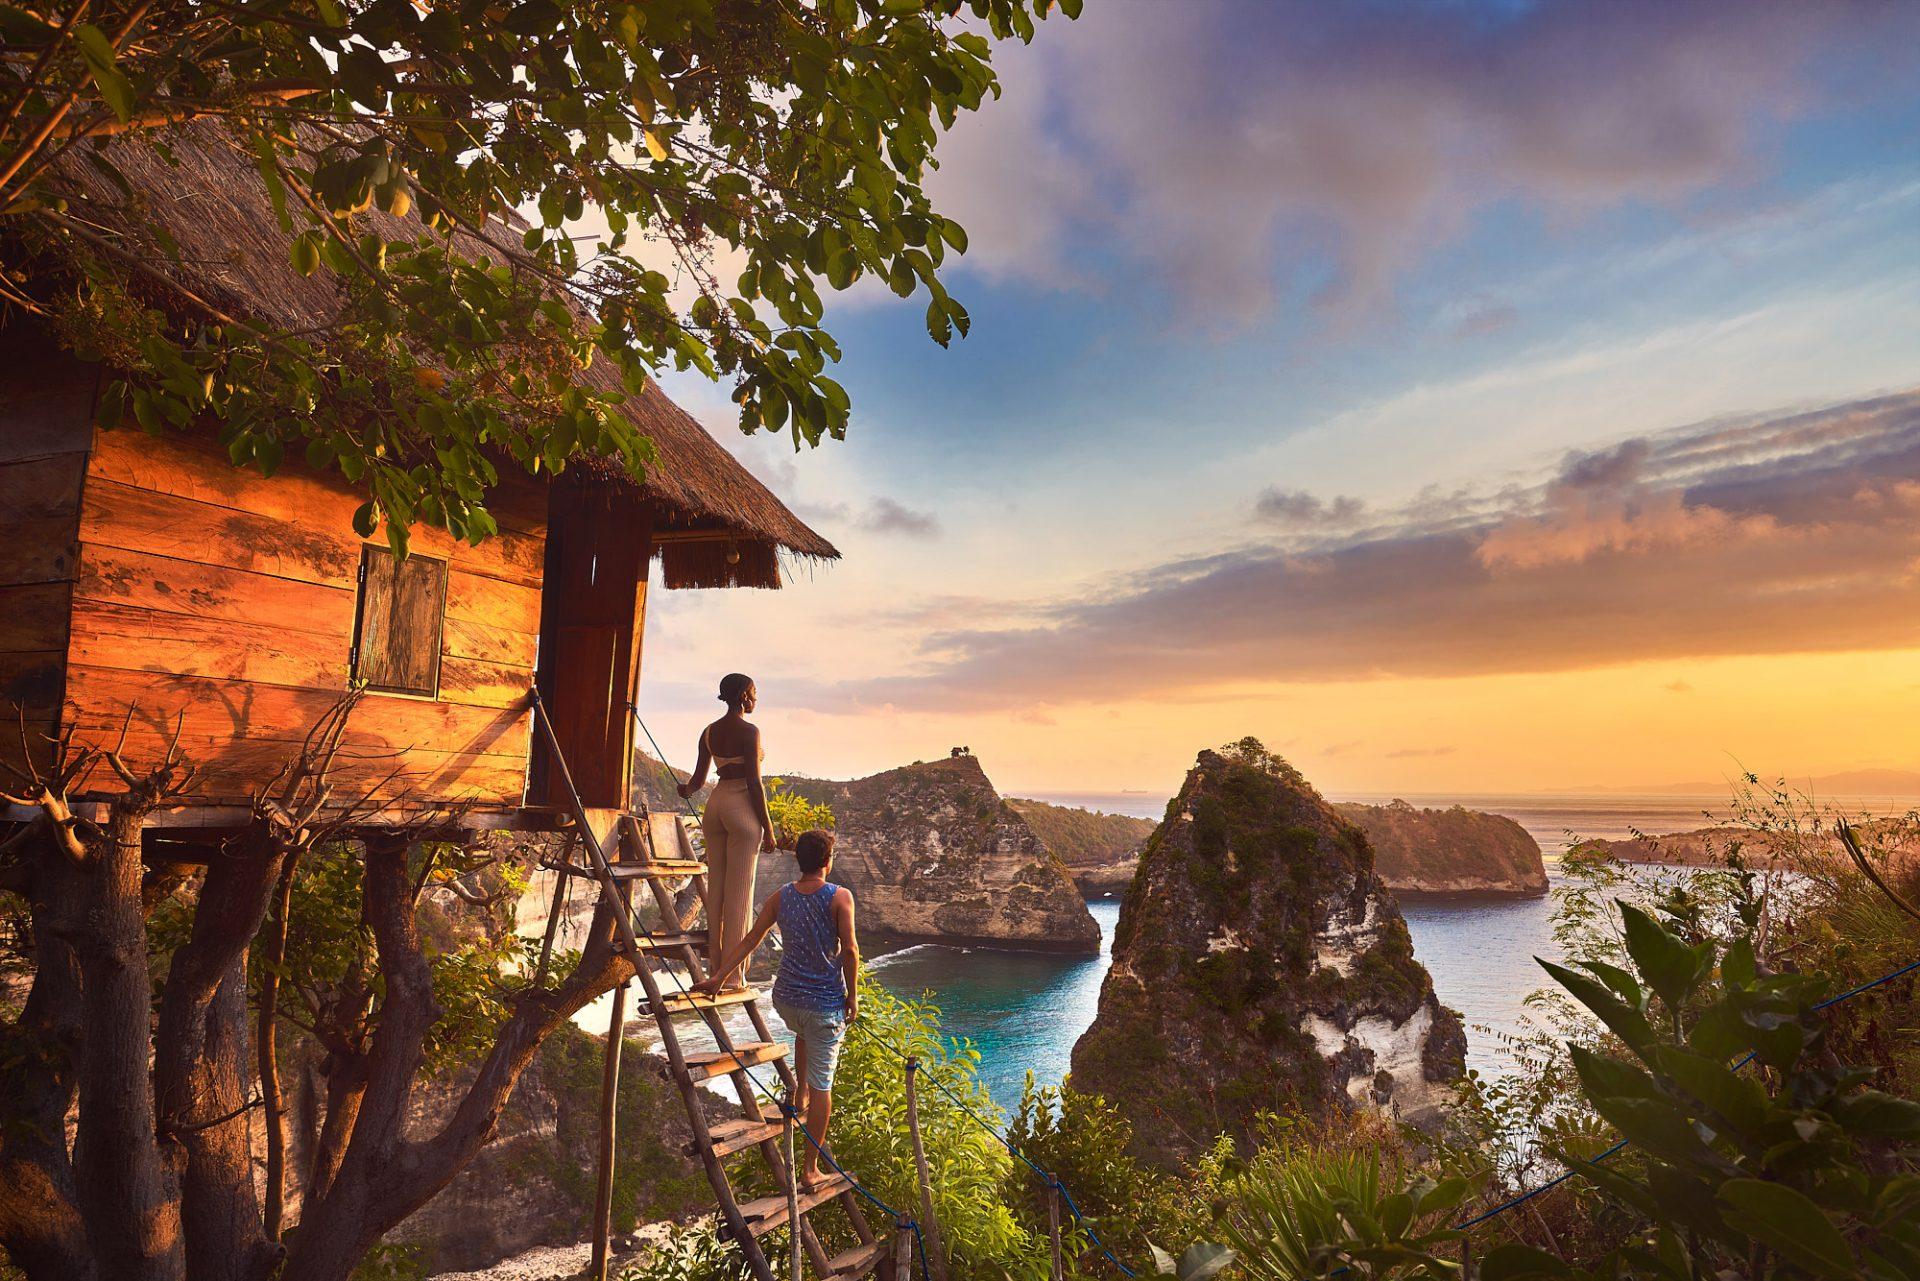 Visite Nusa Penida: Ce que vous devez savoir